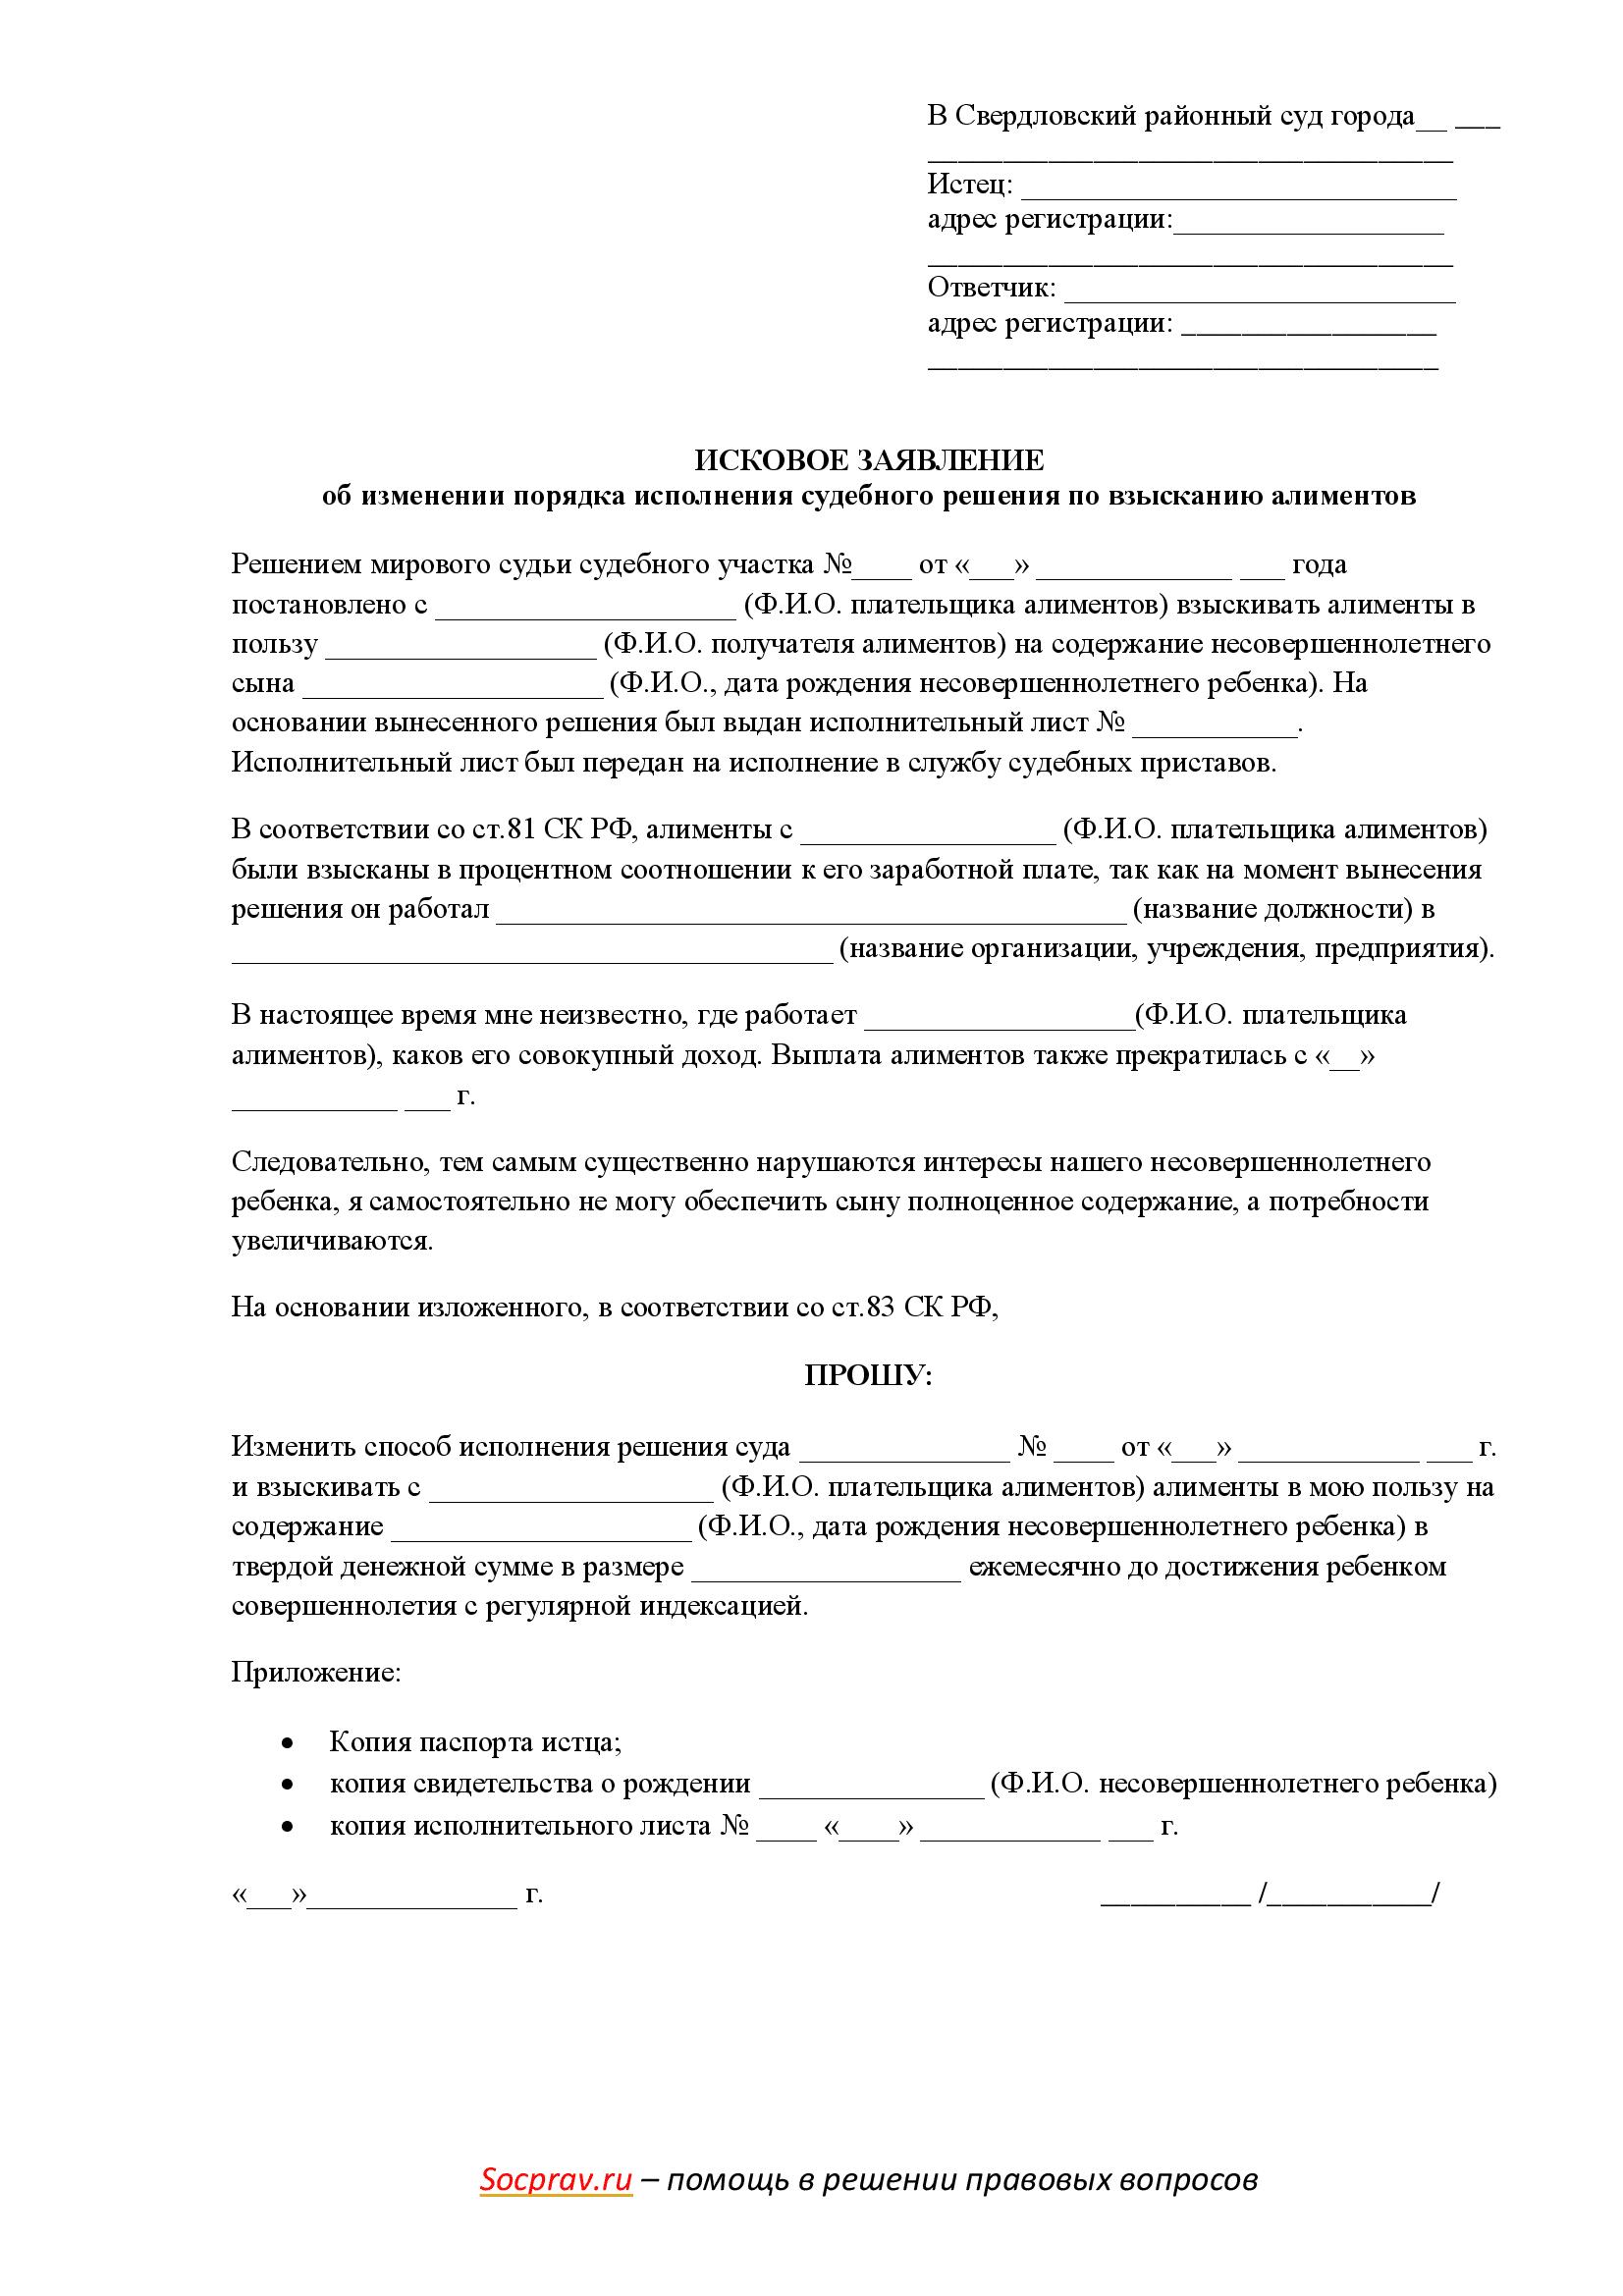 Исковое заявление об изменении порядка исполнения судебного решения по взысканию алиментов